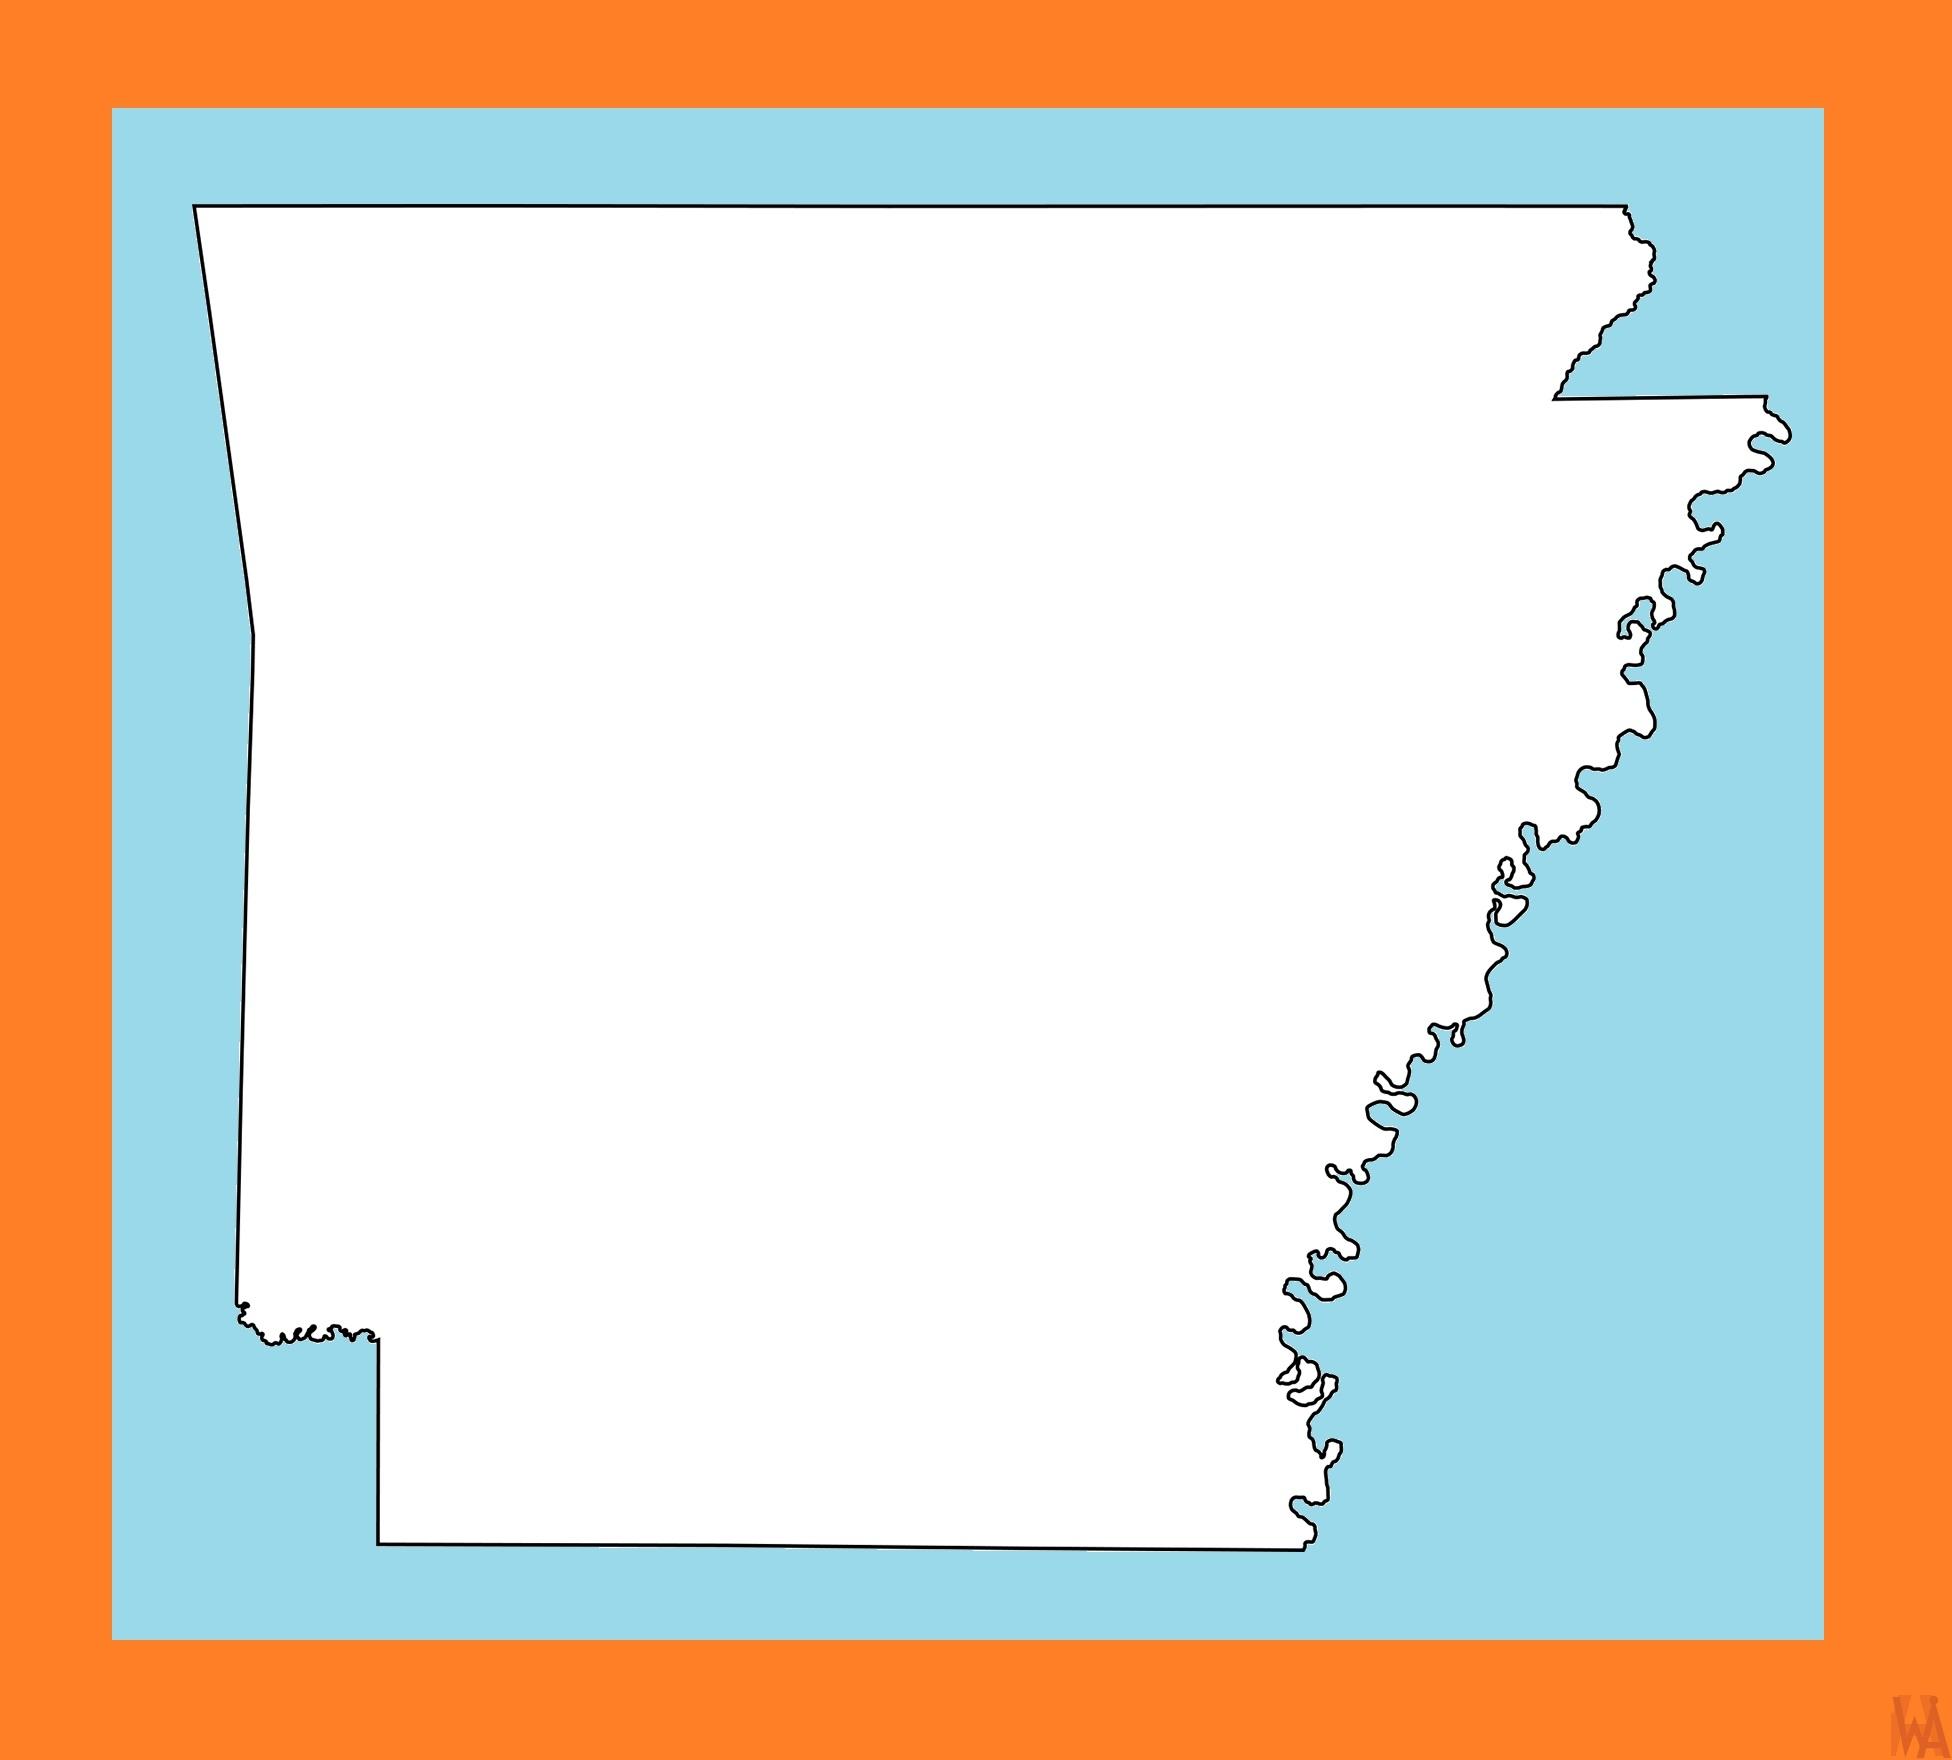 Arkansas Blank Outline Map  | Blank Outline Map of  Arkansas